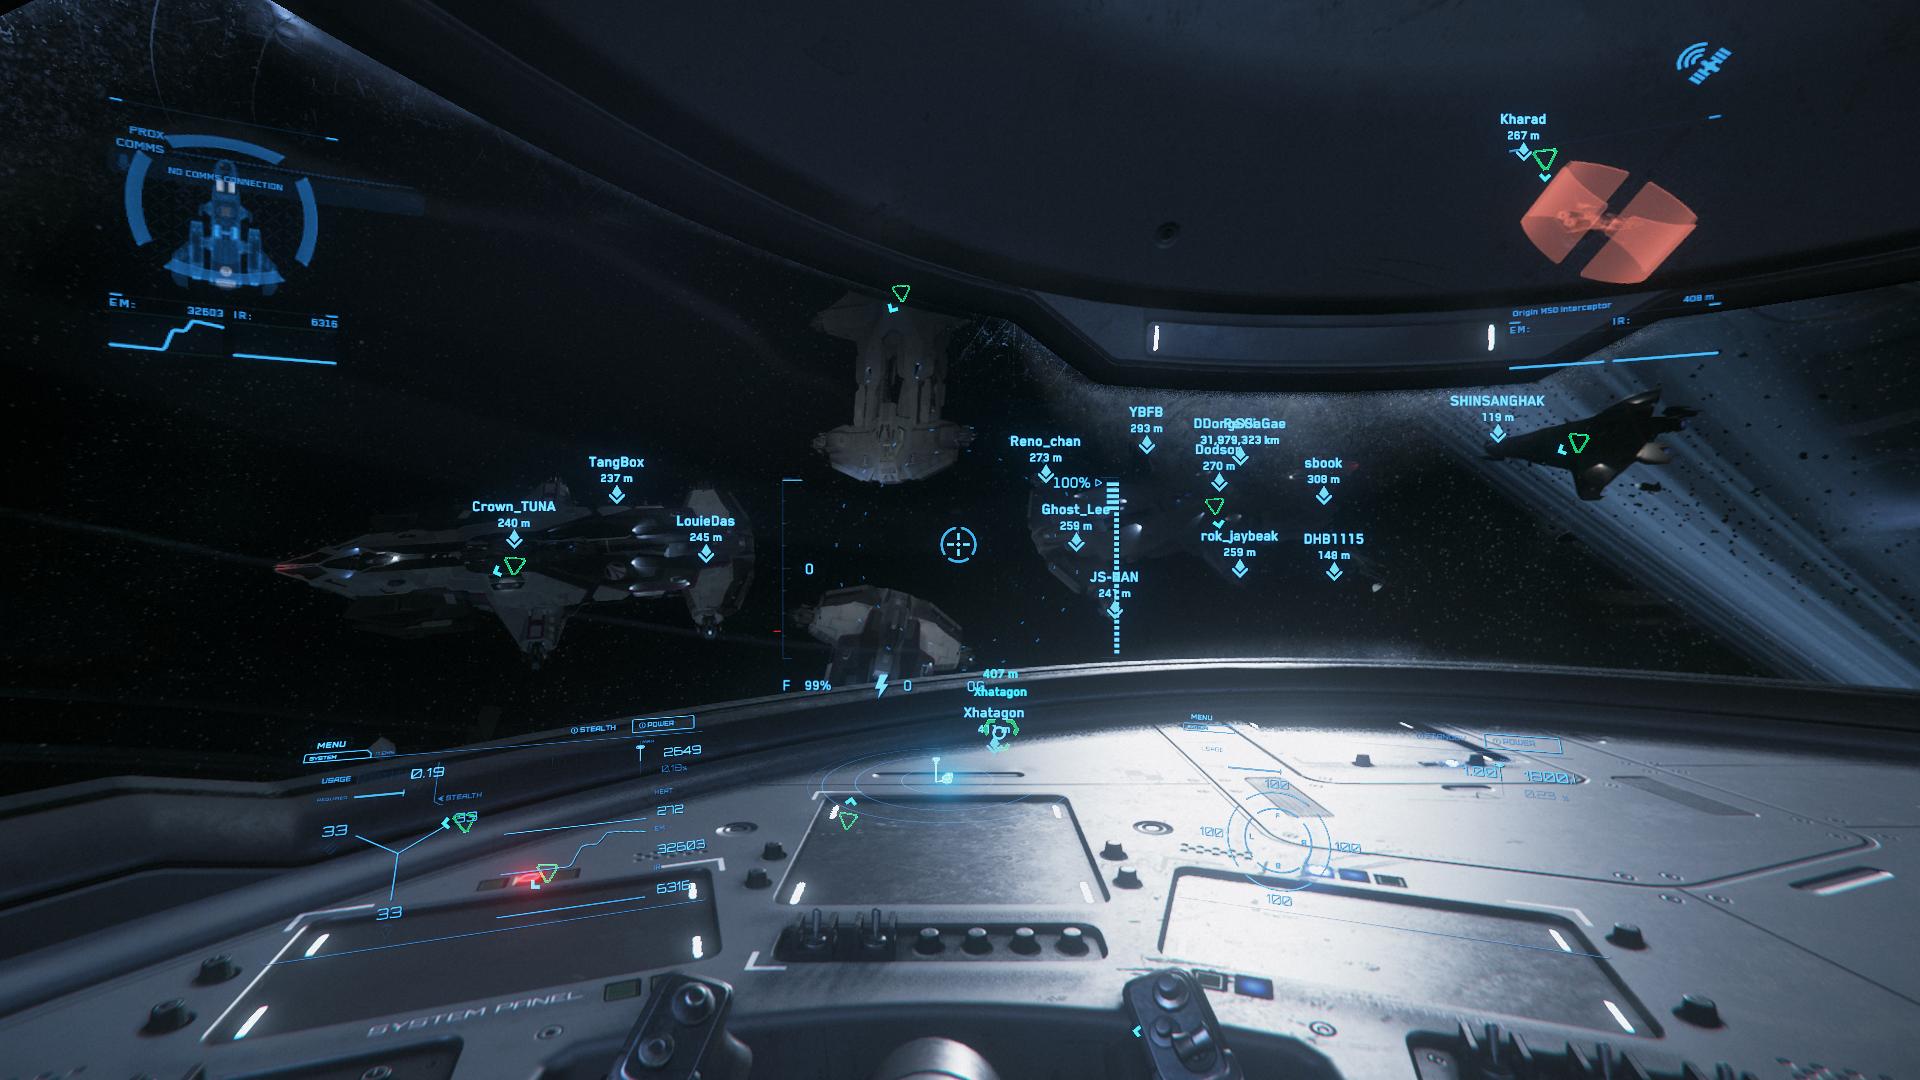 Squadron 42 - Star Citizen Screenshot 2019.12.27 - 21.46.08.46